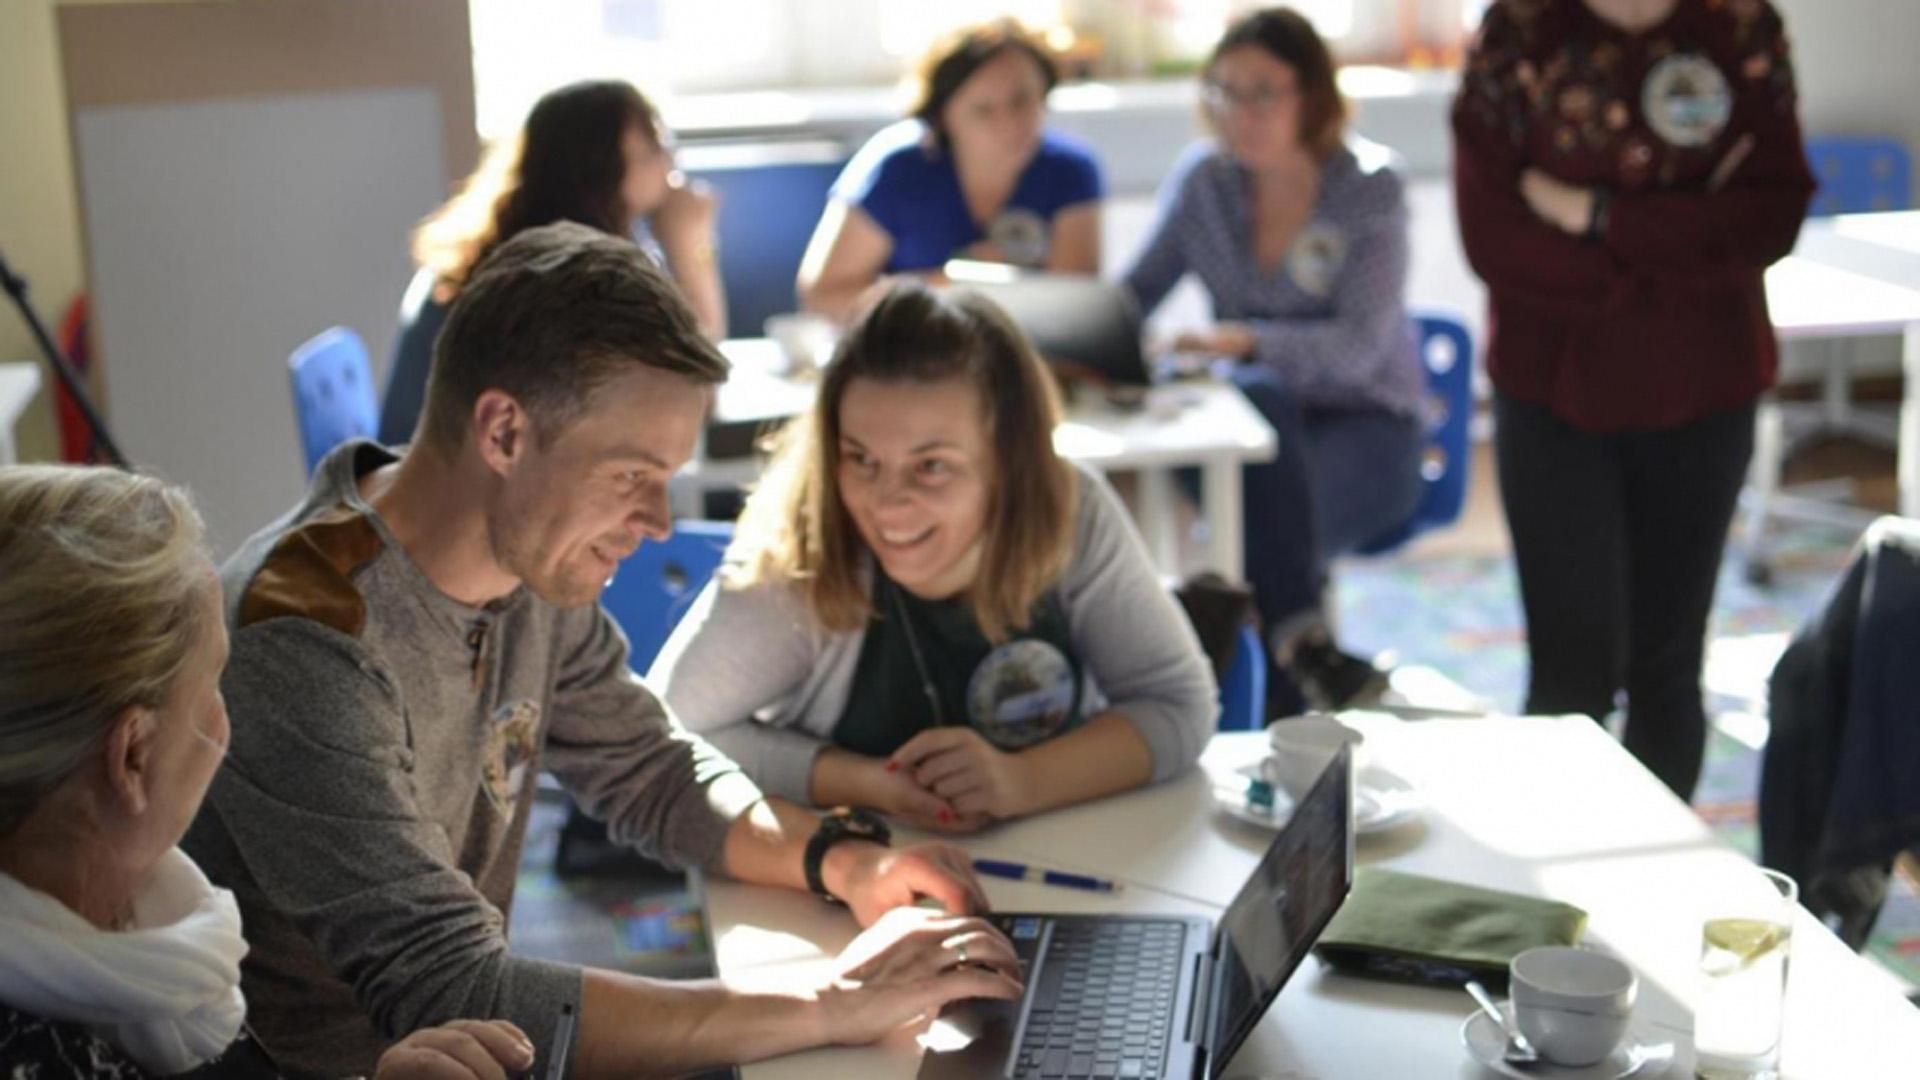 Fotorelacja: Warsztaty edukacyjne TuEuropeana 2018 w FutureLab